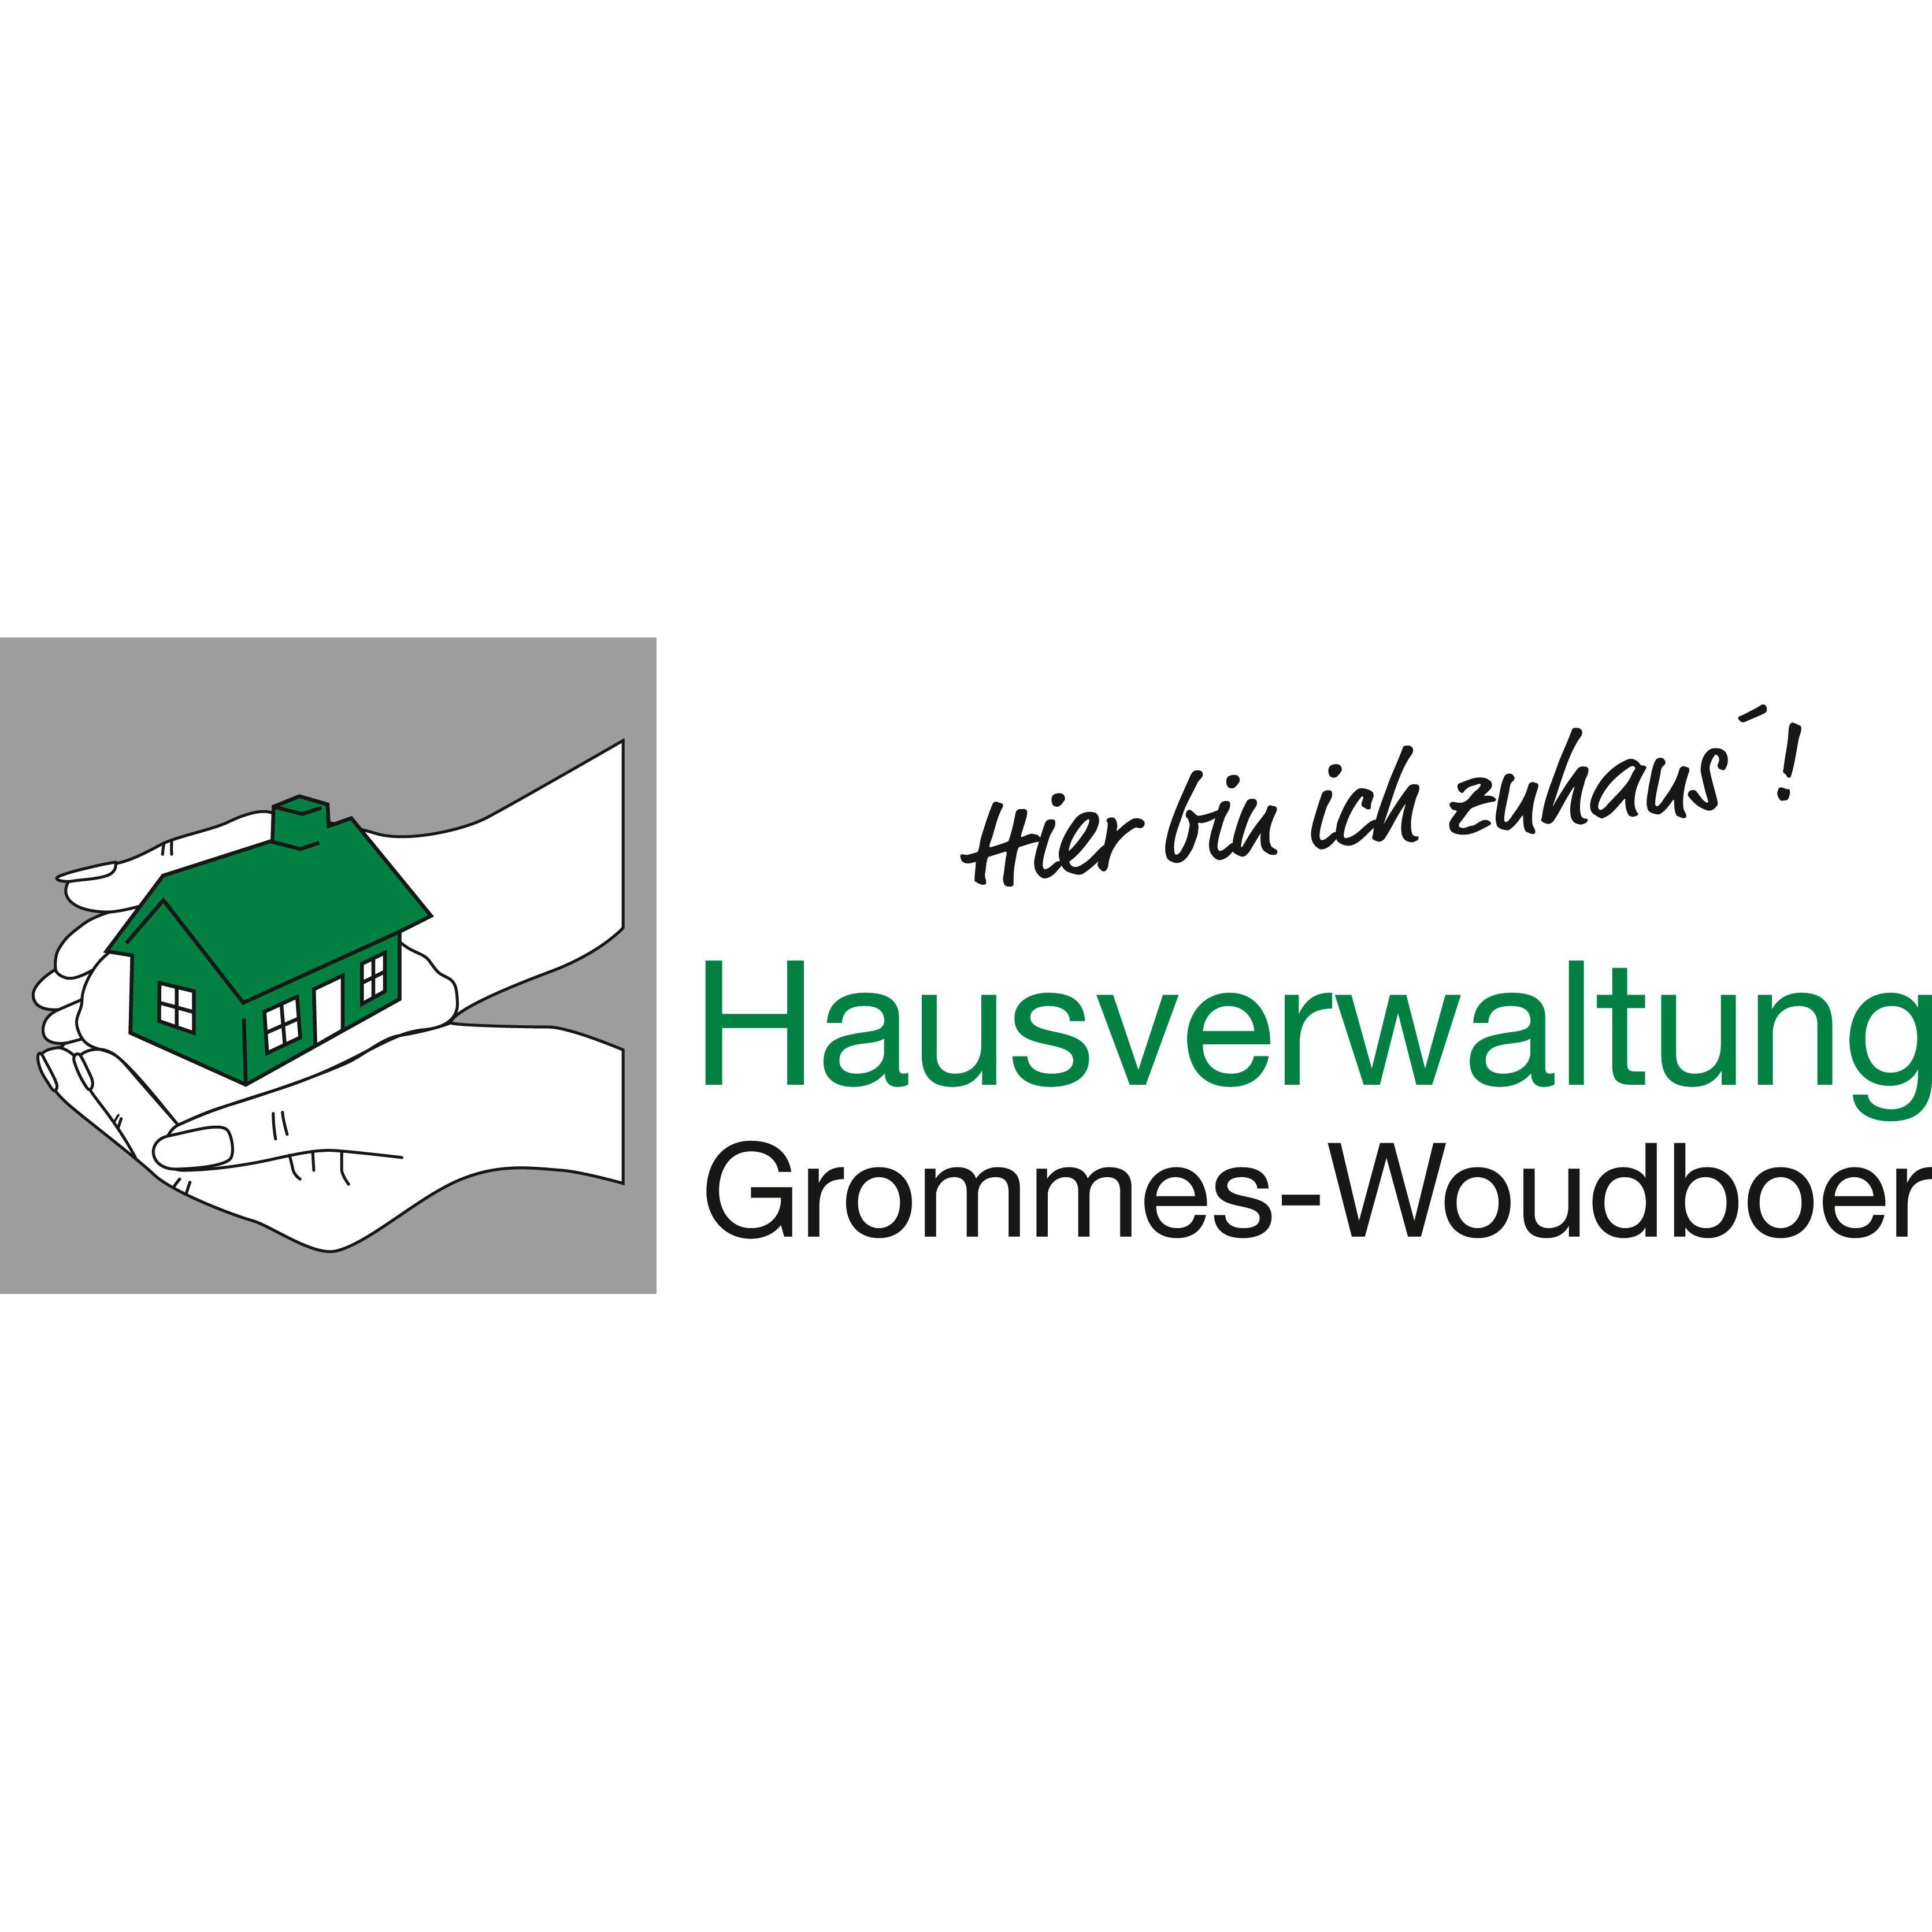 Bild zu Hausverwaltung Grommes - Woudboer GbR in Duisburg